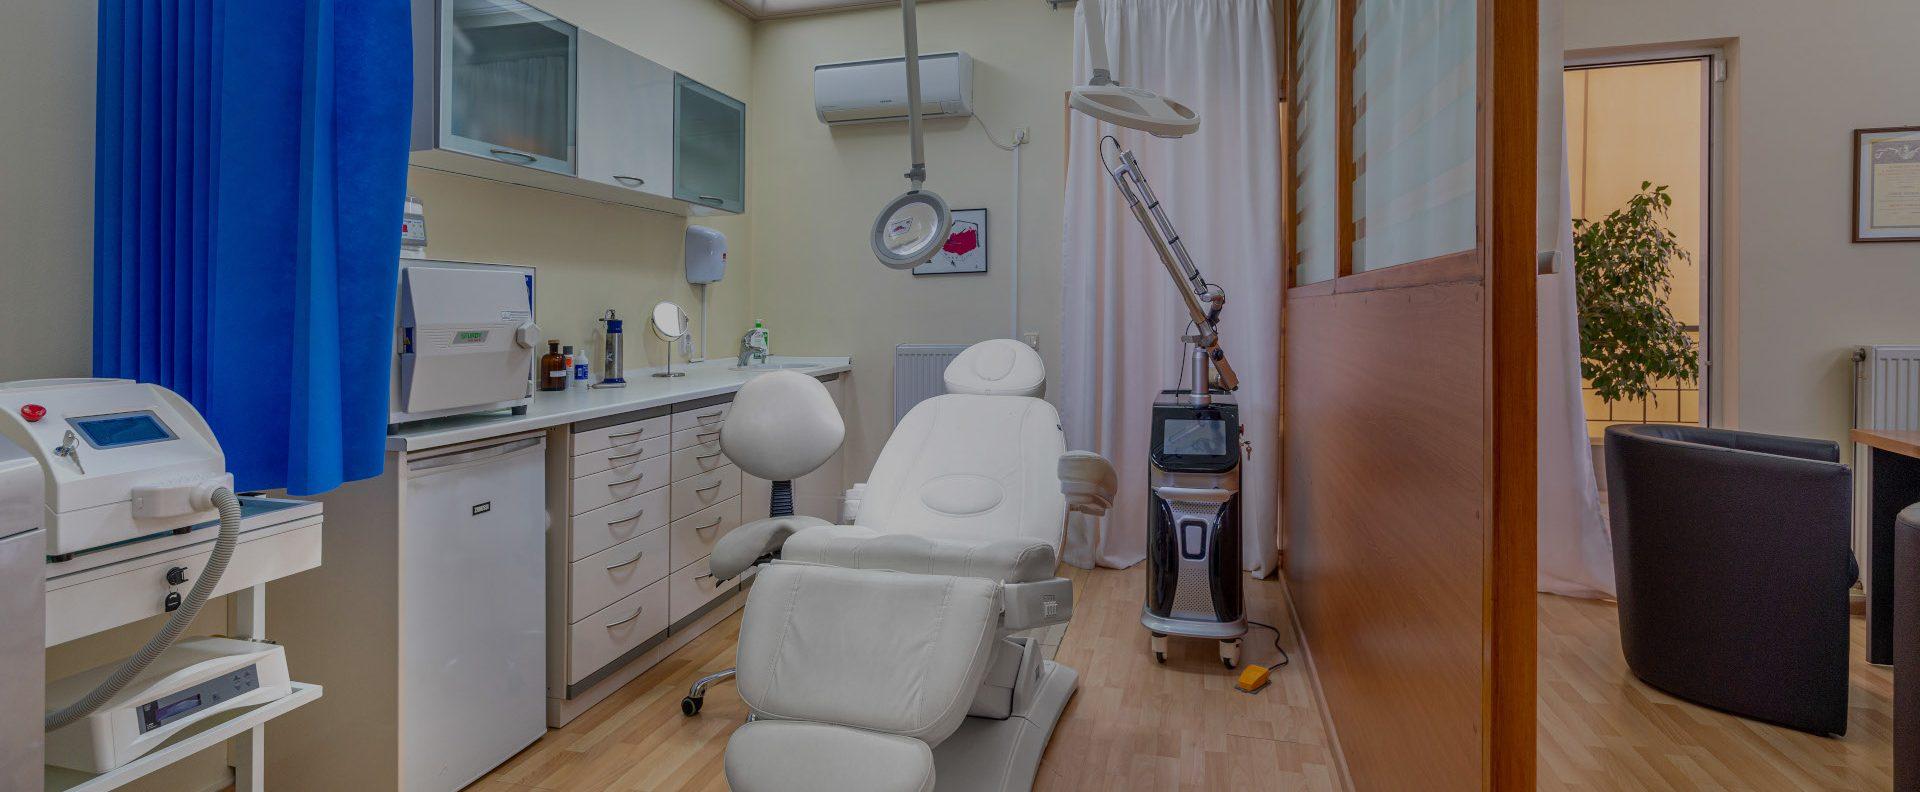 Γιώργος Τύρος - Δερματολόγος Αφροδισιολόγος - Νέα Σμύρνη - treatment room